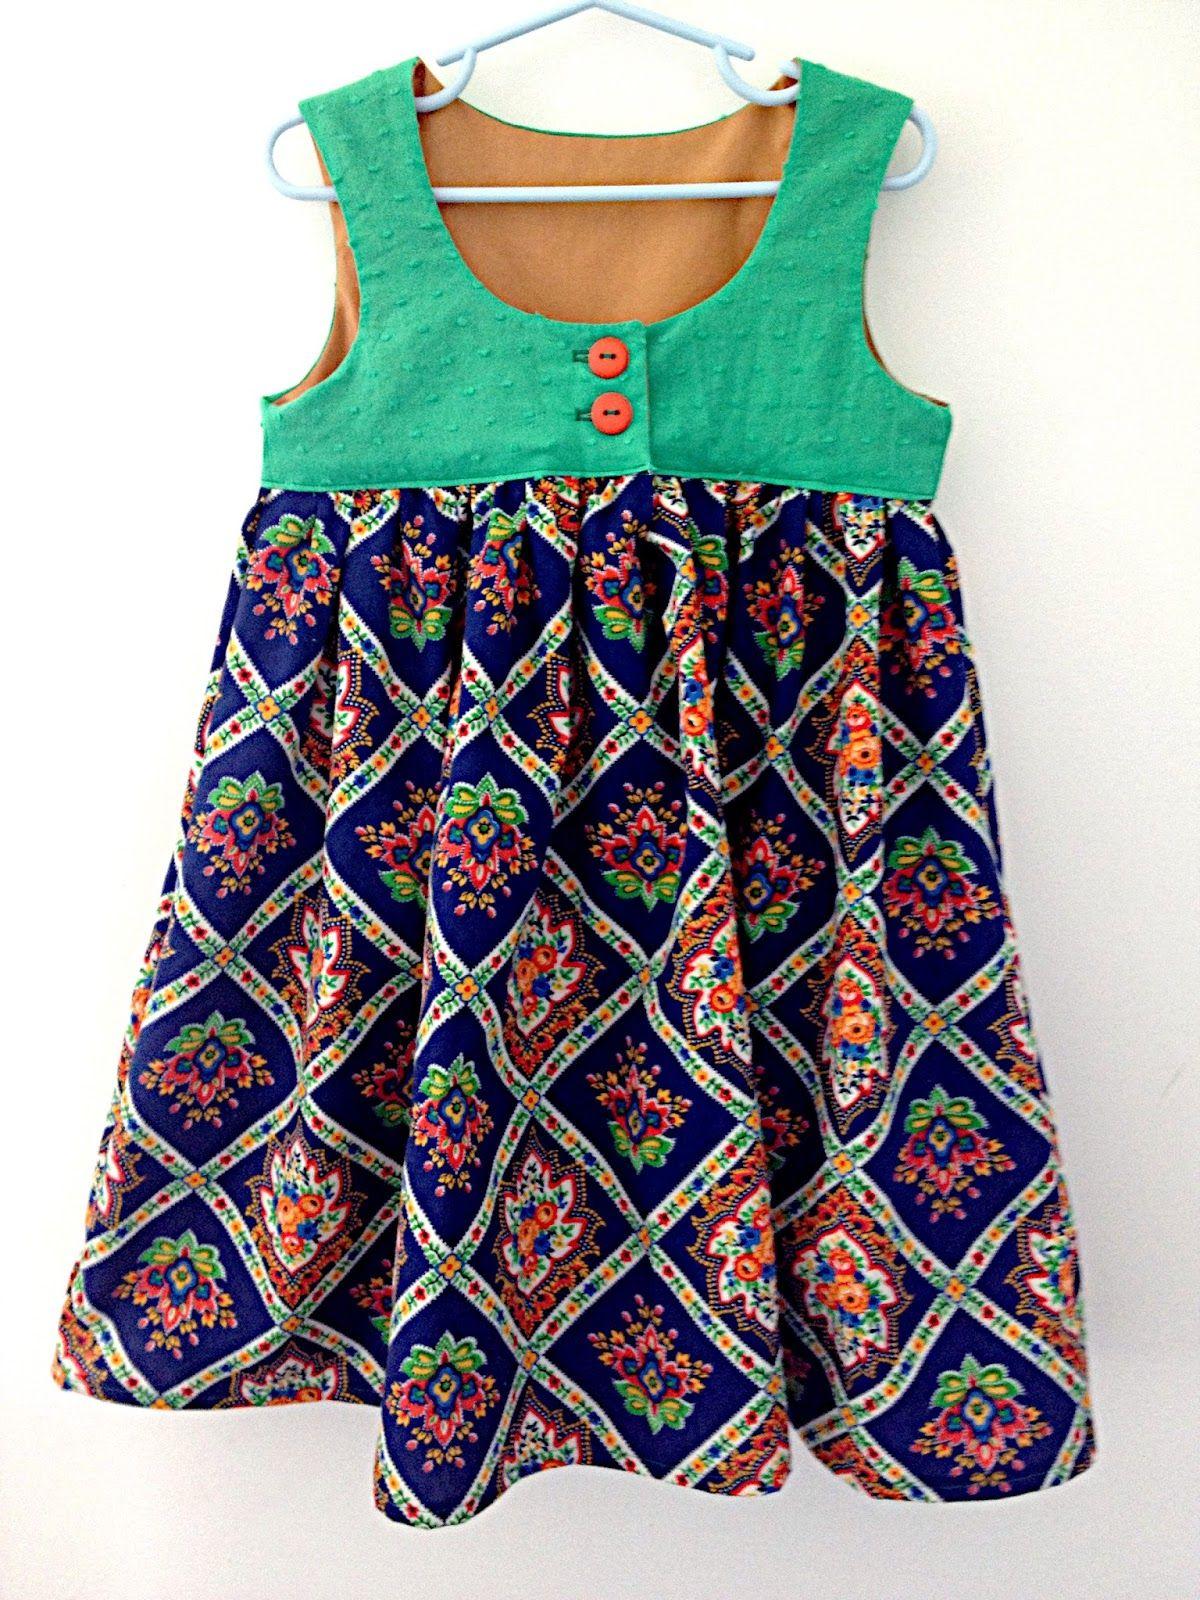 2d04dfdabbf0 Modern Handmade: Desert Rose // A perfect summer dress | Sewing ...